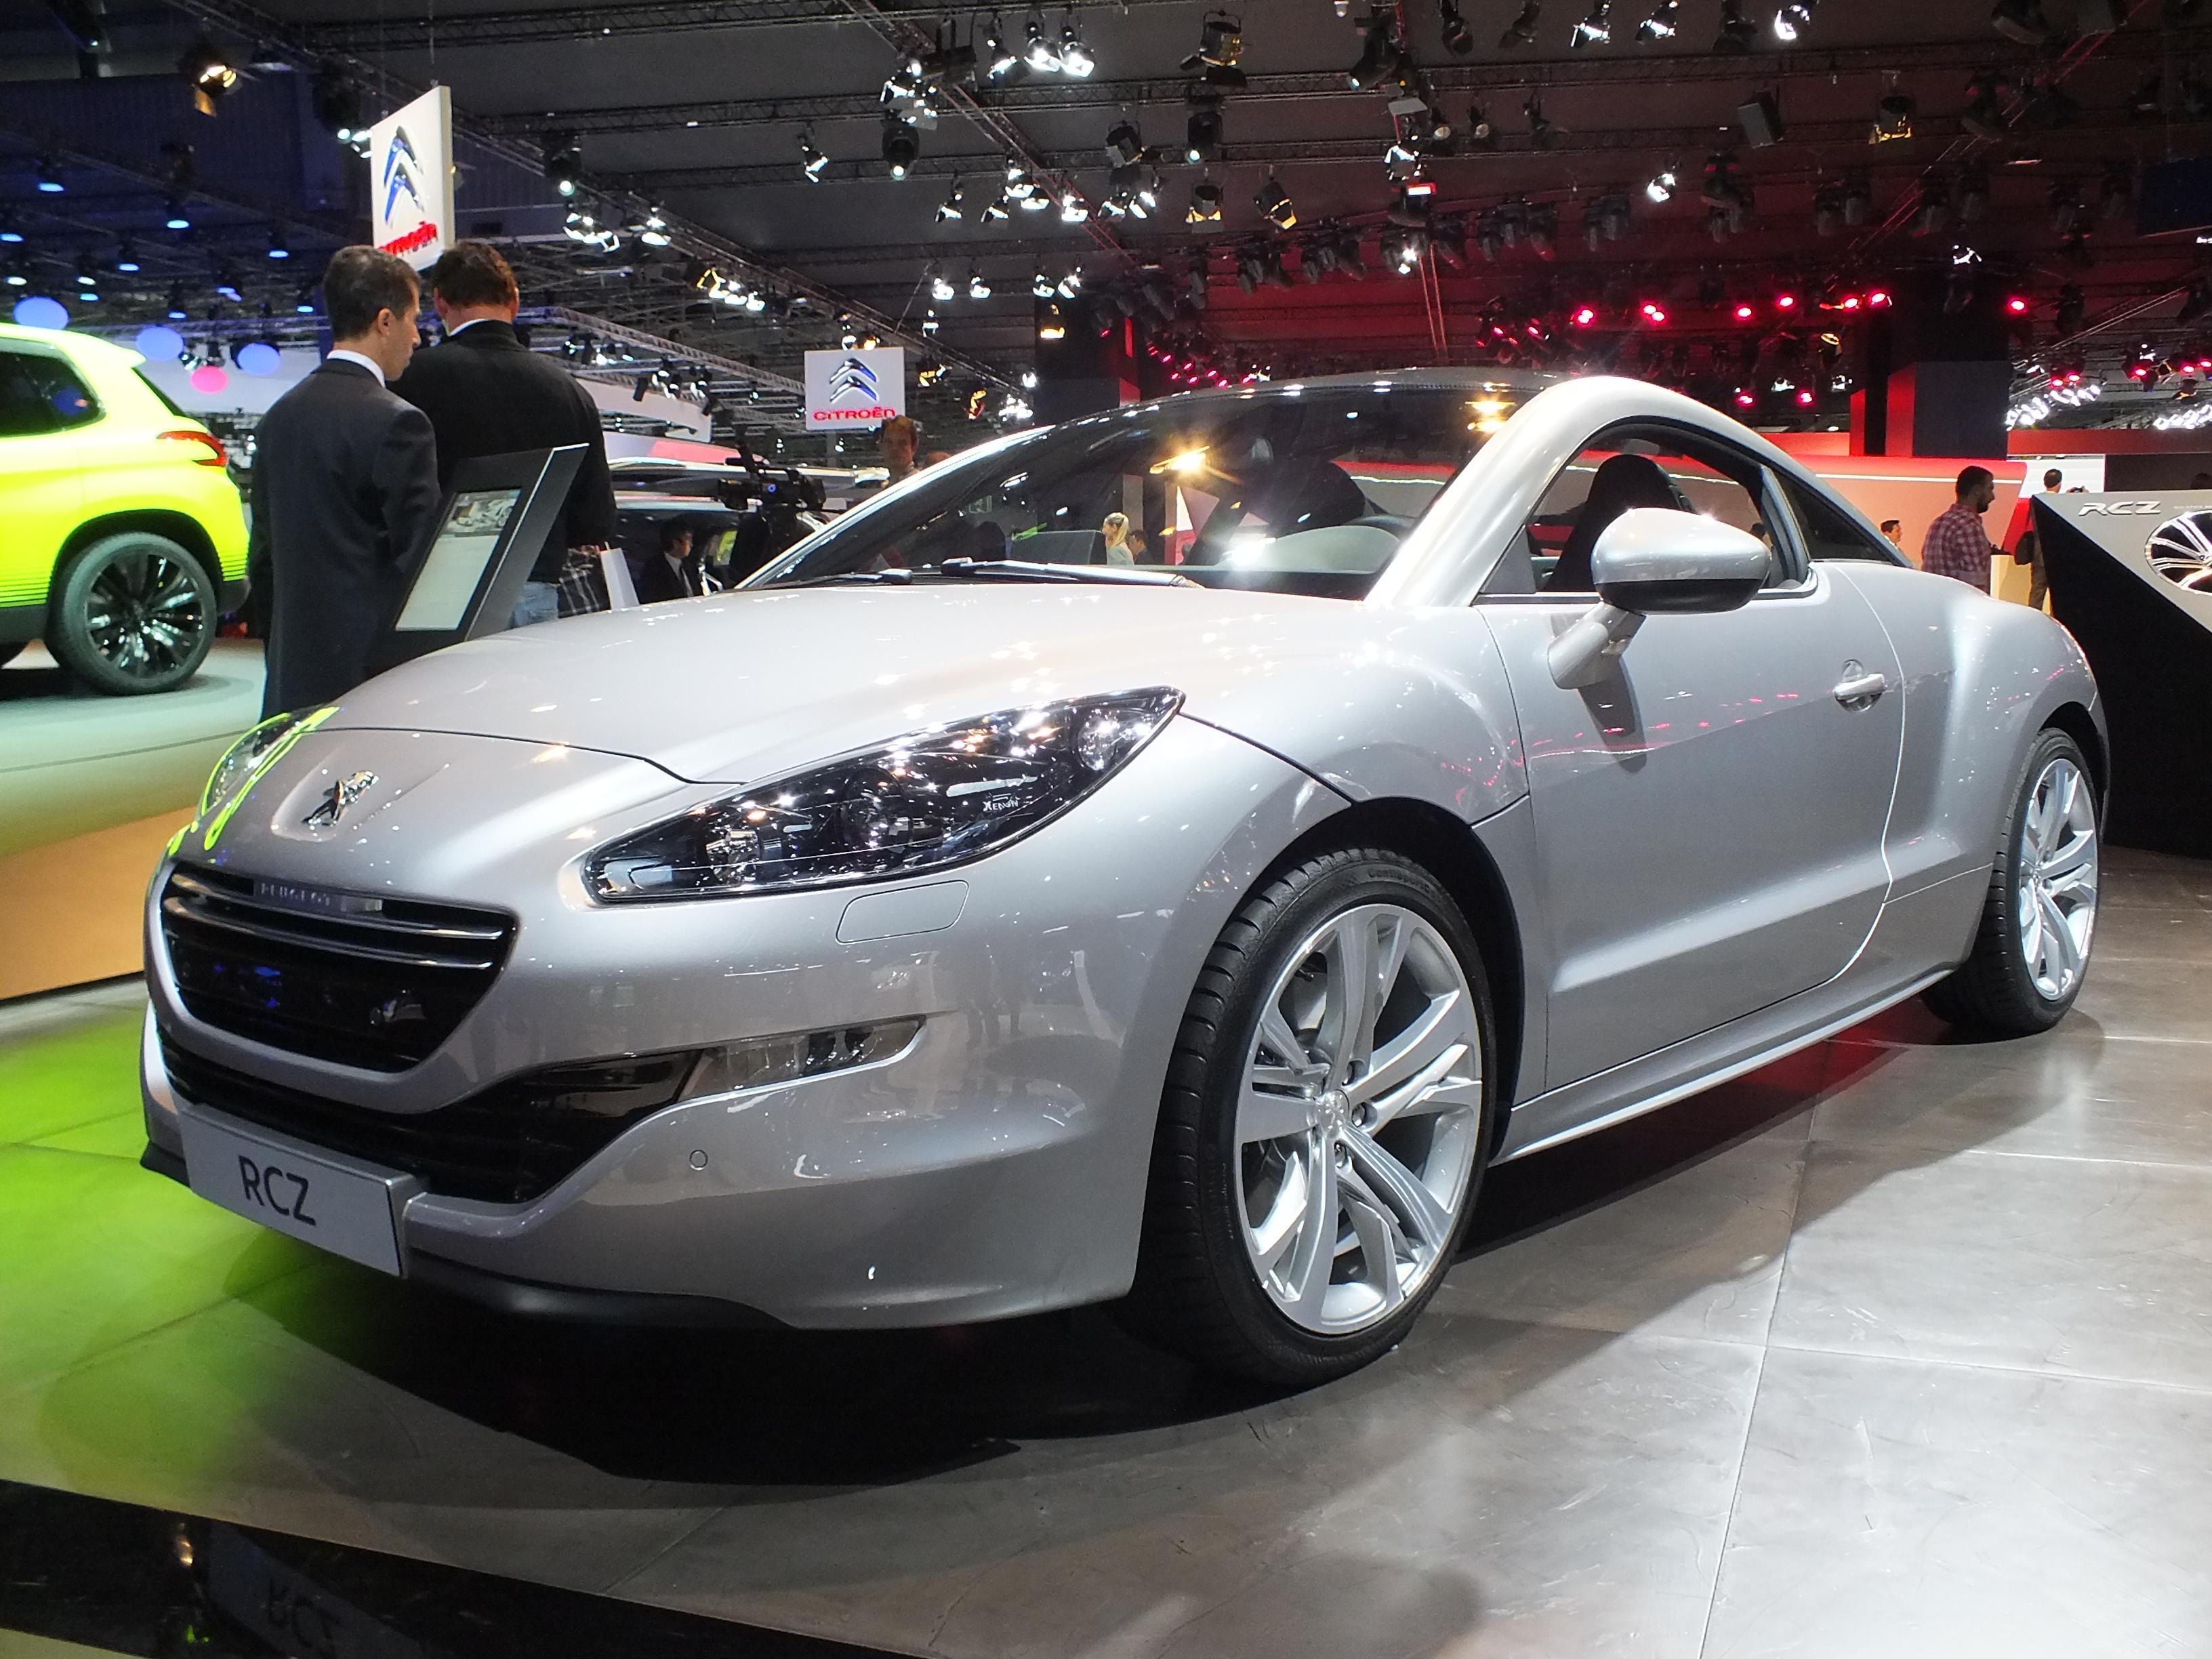 http://images.caradisiac.com/images/1/4/3/7/81437/S0-En-direct-du-Mondial-de-Paris-2012-Peugeot-RCZ-restyle-identite-de-marque-274103.jpg